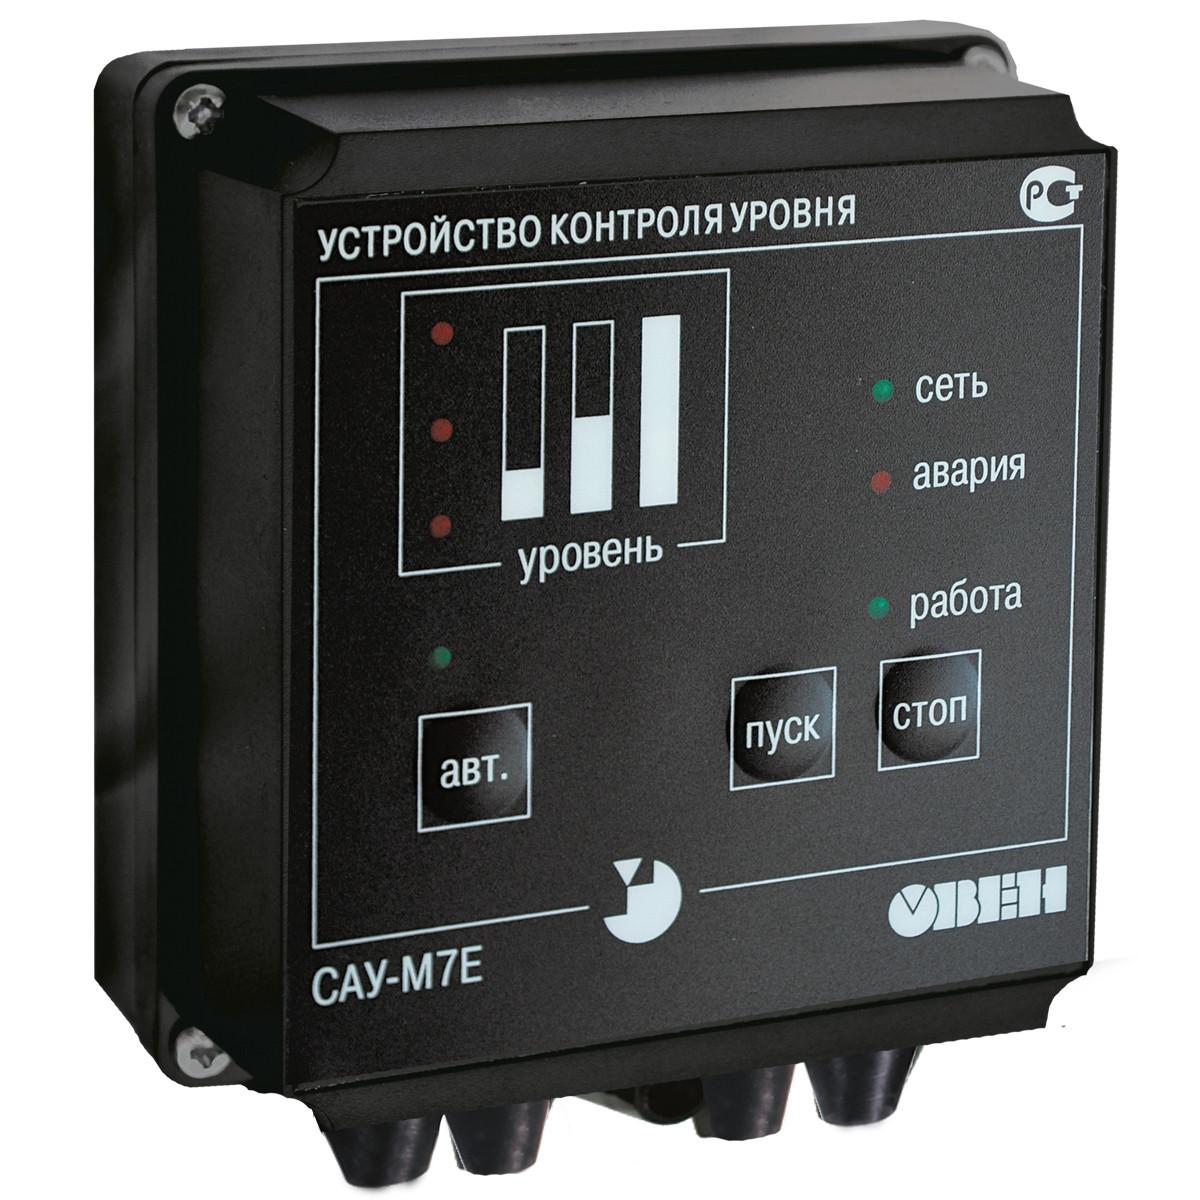 САУ-М7.Е - Сигнализатор уровня жидких и сыпучих сред с дистанционным управлением; Тип - корпуса Щ1, Н.